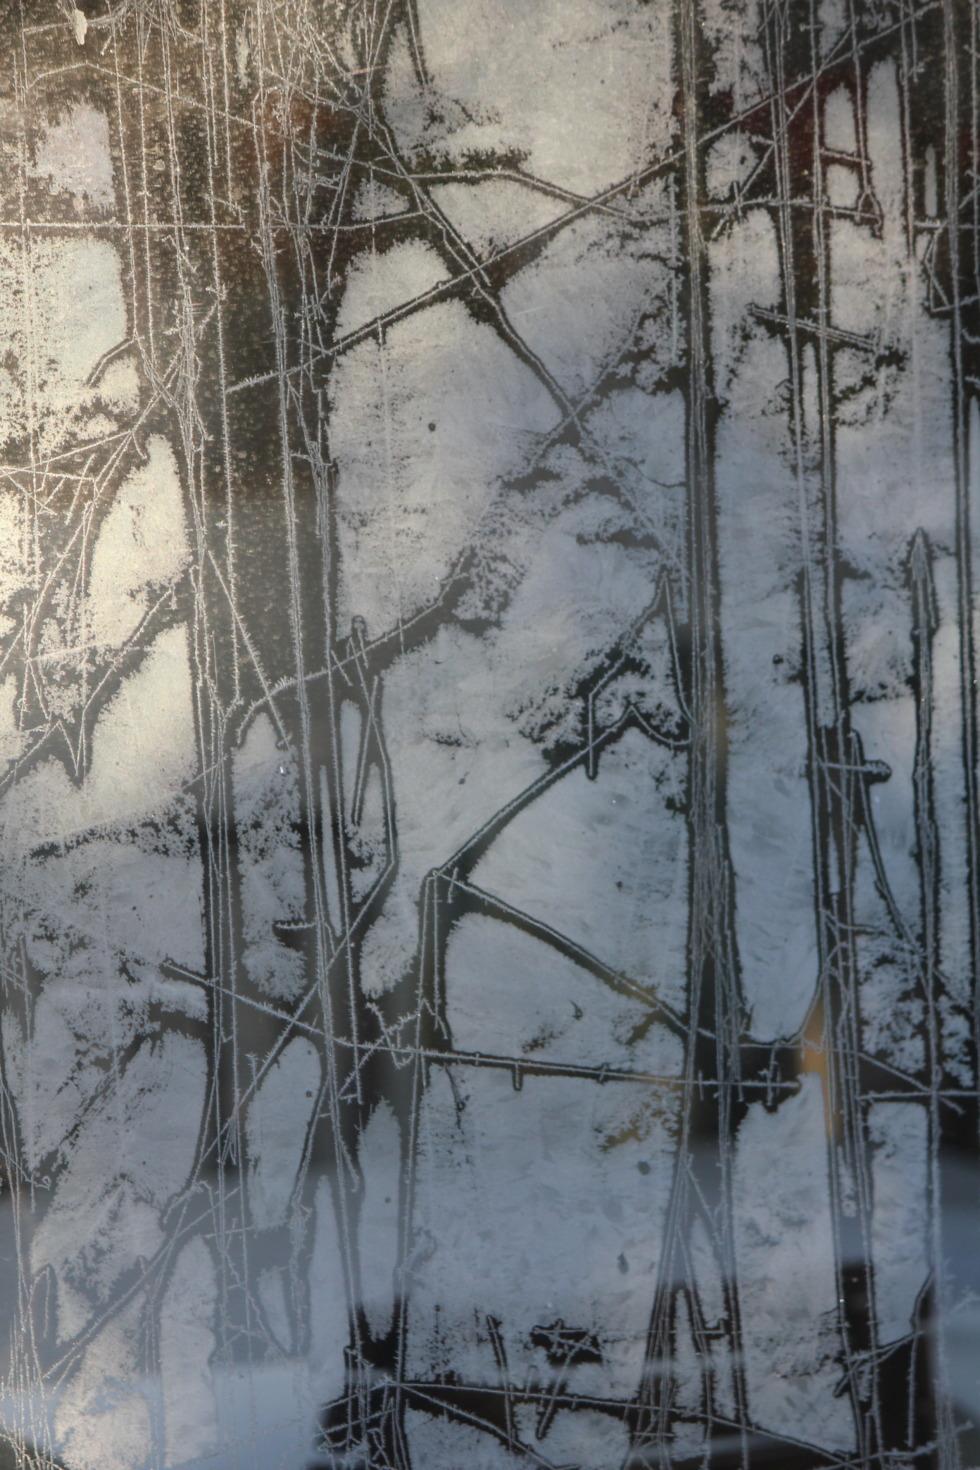 Frost flowers on a window